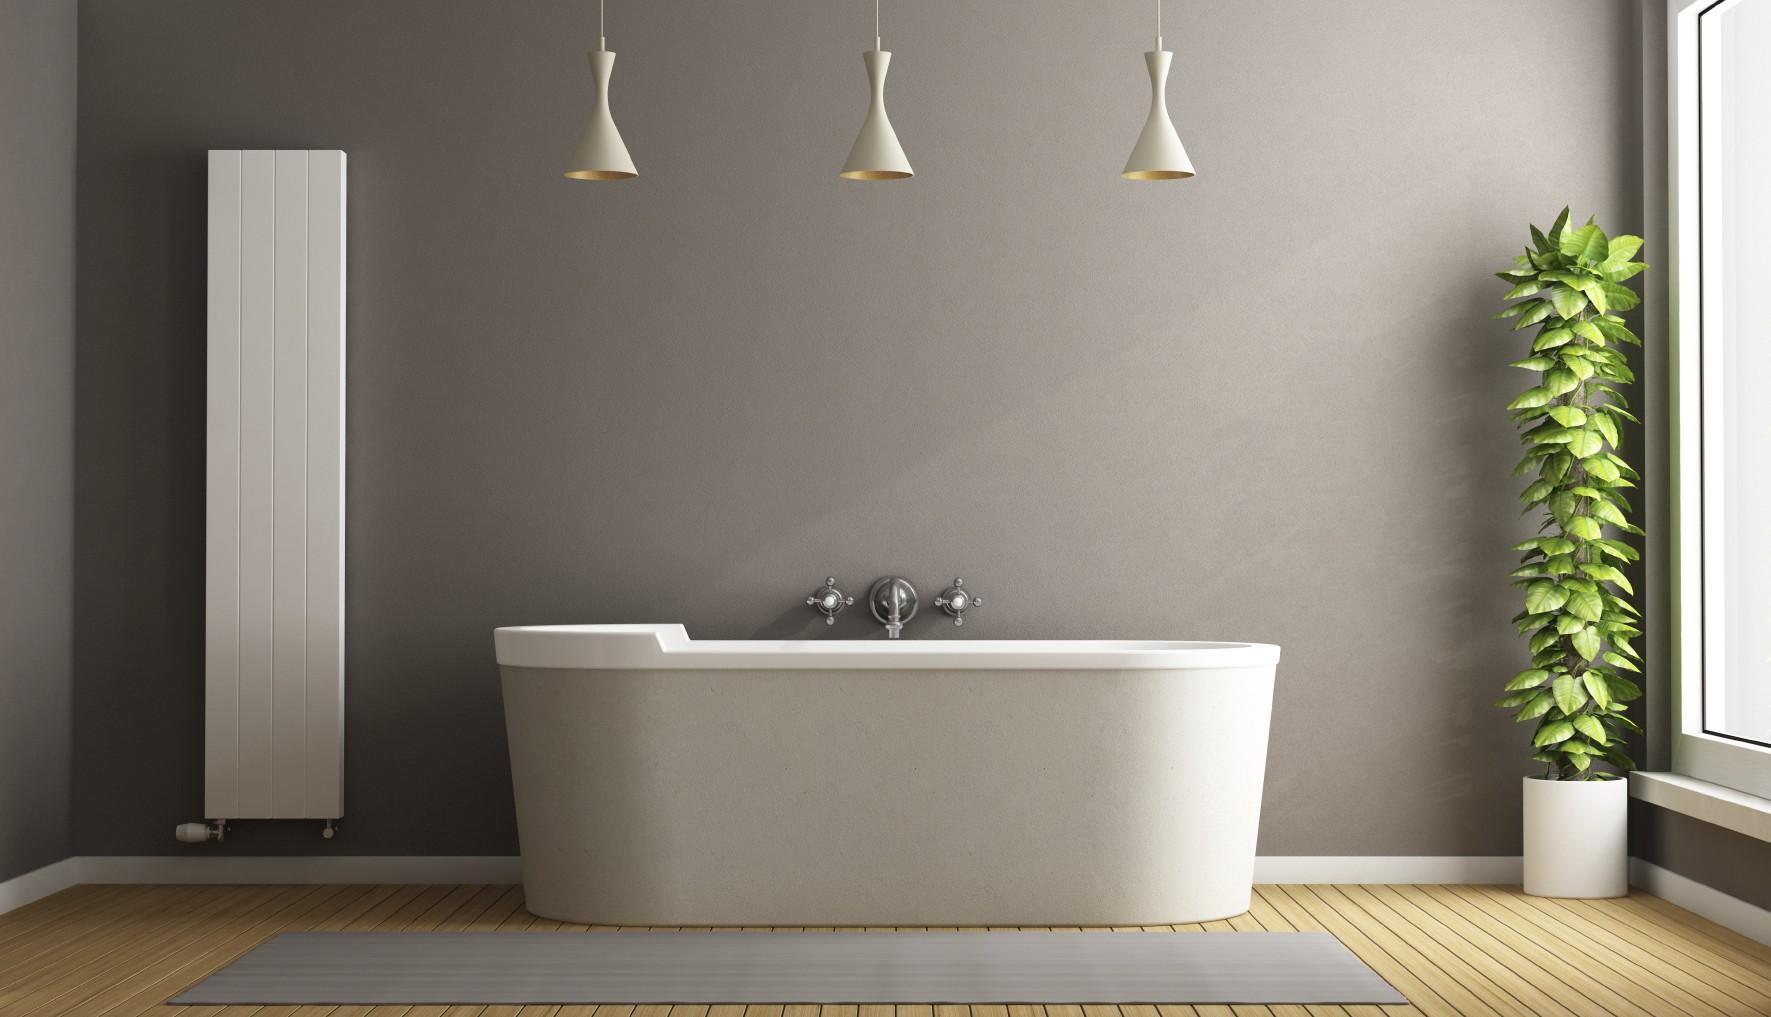 ambiance concept vente en ligne de cuisine quip es sur mesure mat riel lectrique et. Black Bedroom Furniture Sets. Home Design Ideas